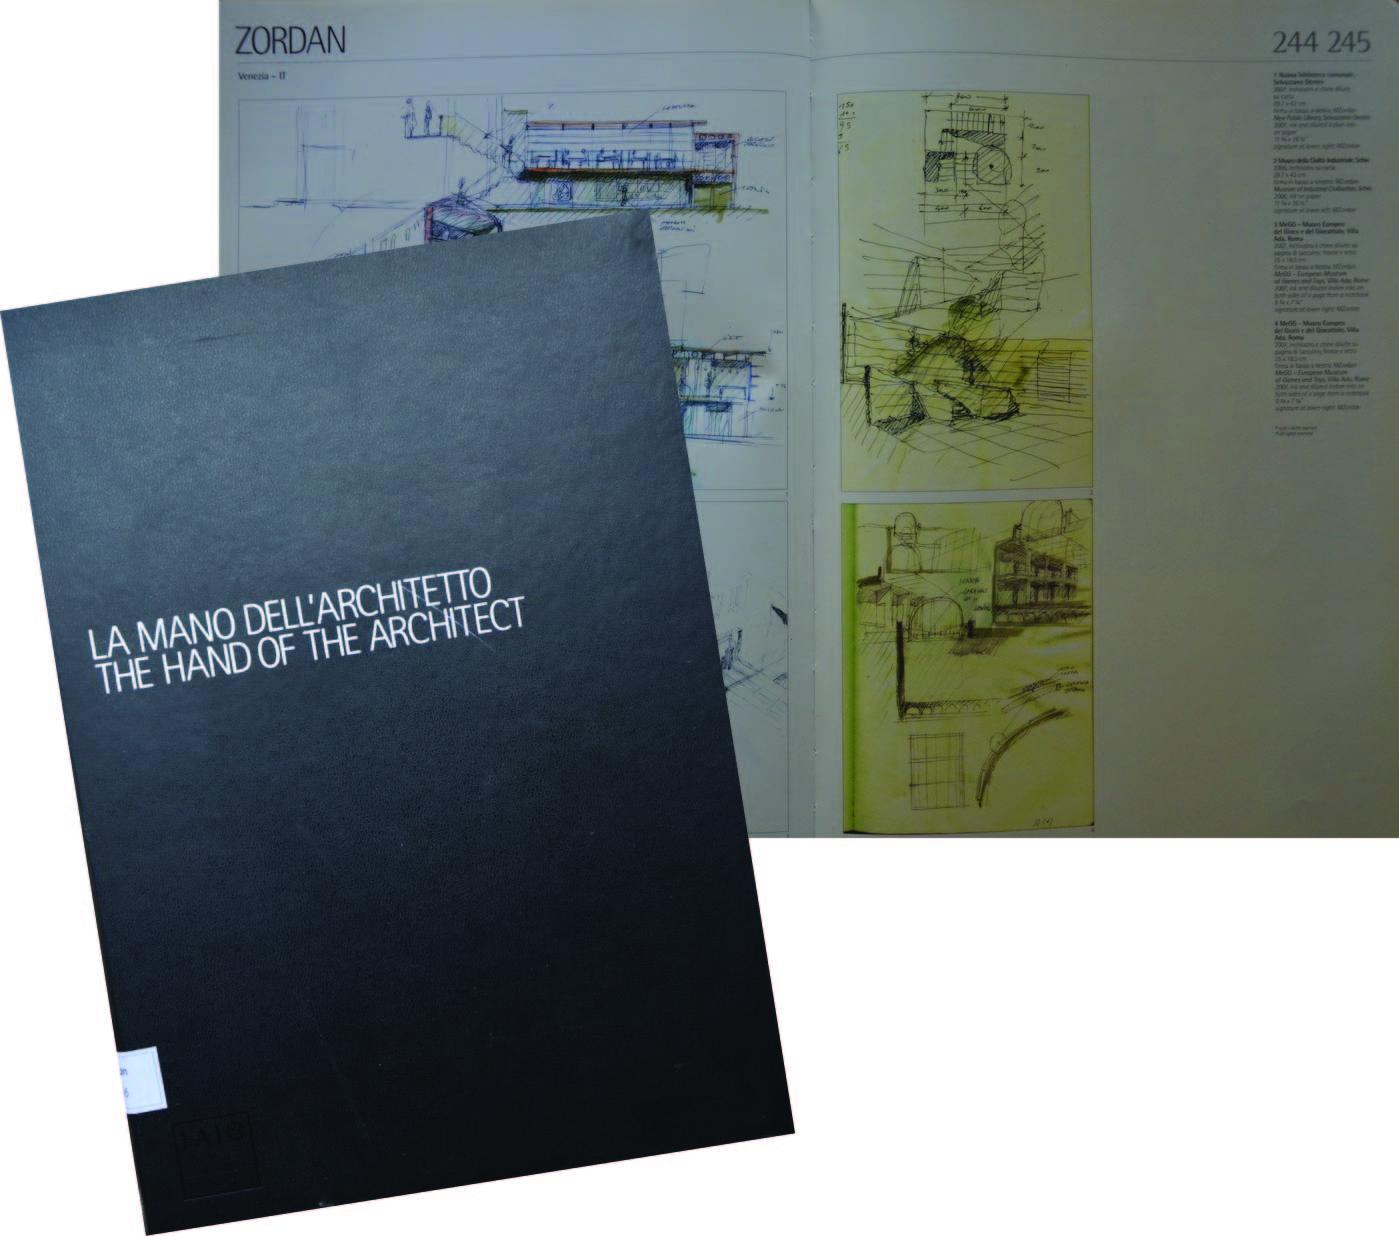 la mano dell'architetto, asta di disegni a favore di Villa Necchi, Milano